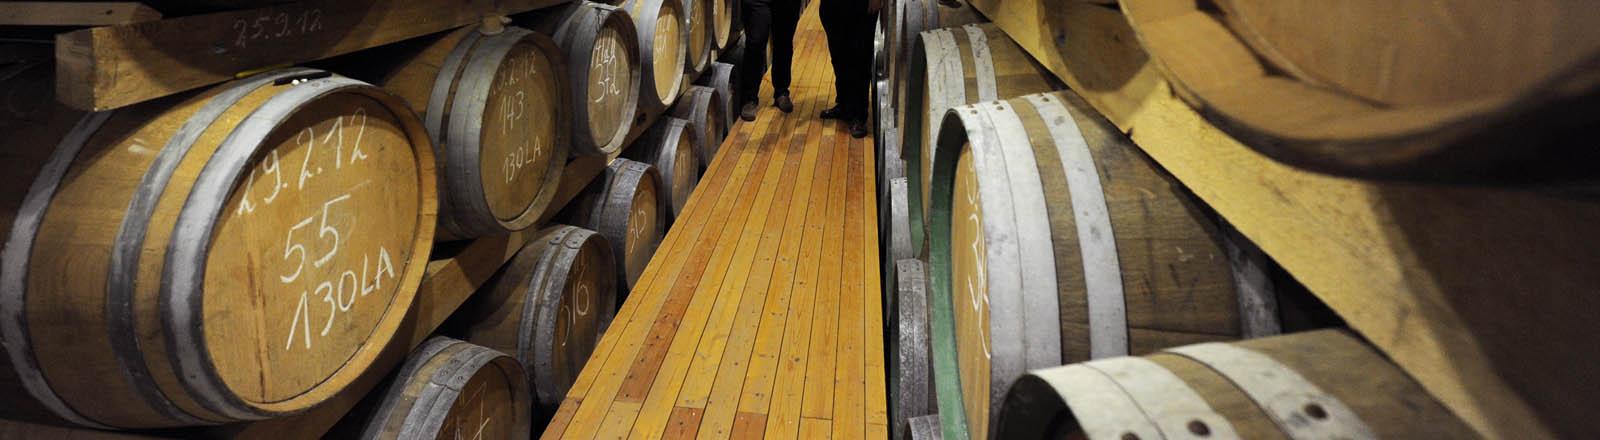 Geschmack und Aromen von Whisky-Editionen werden von Alexander Buchholz und seinem Vater Karl-Theodor Buchholz (l-r) am 07.03.2013 im Fasslager ihrer Whisky-Brennerei in Zorge (Niedersachsen) geprüft.